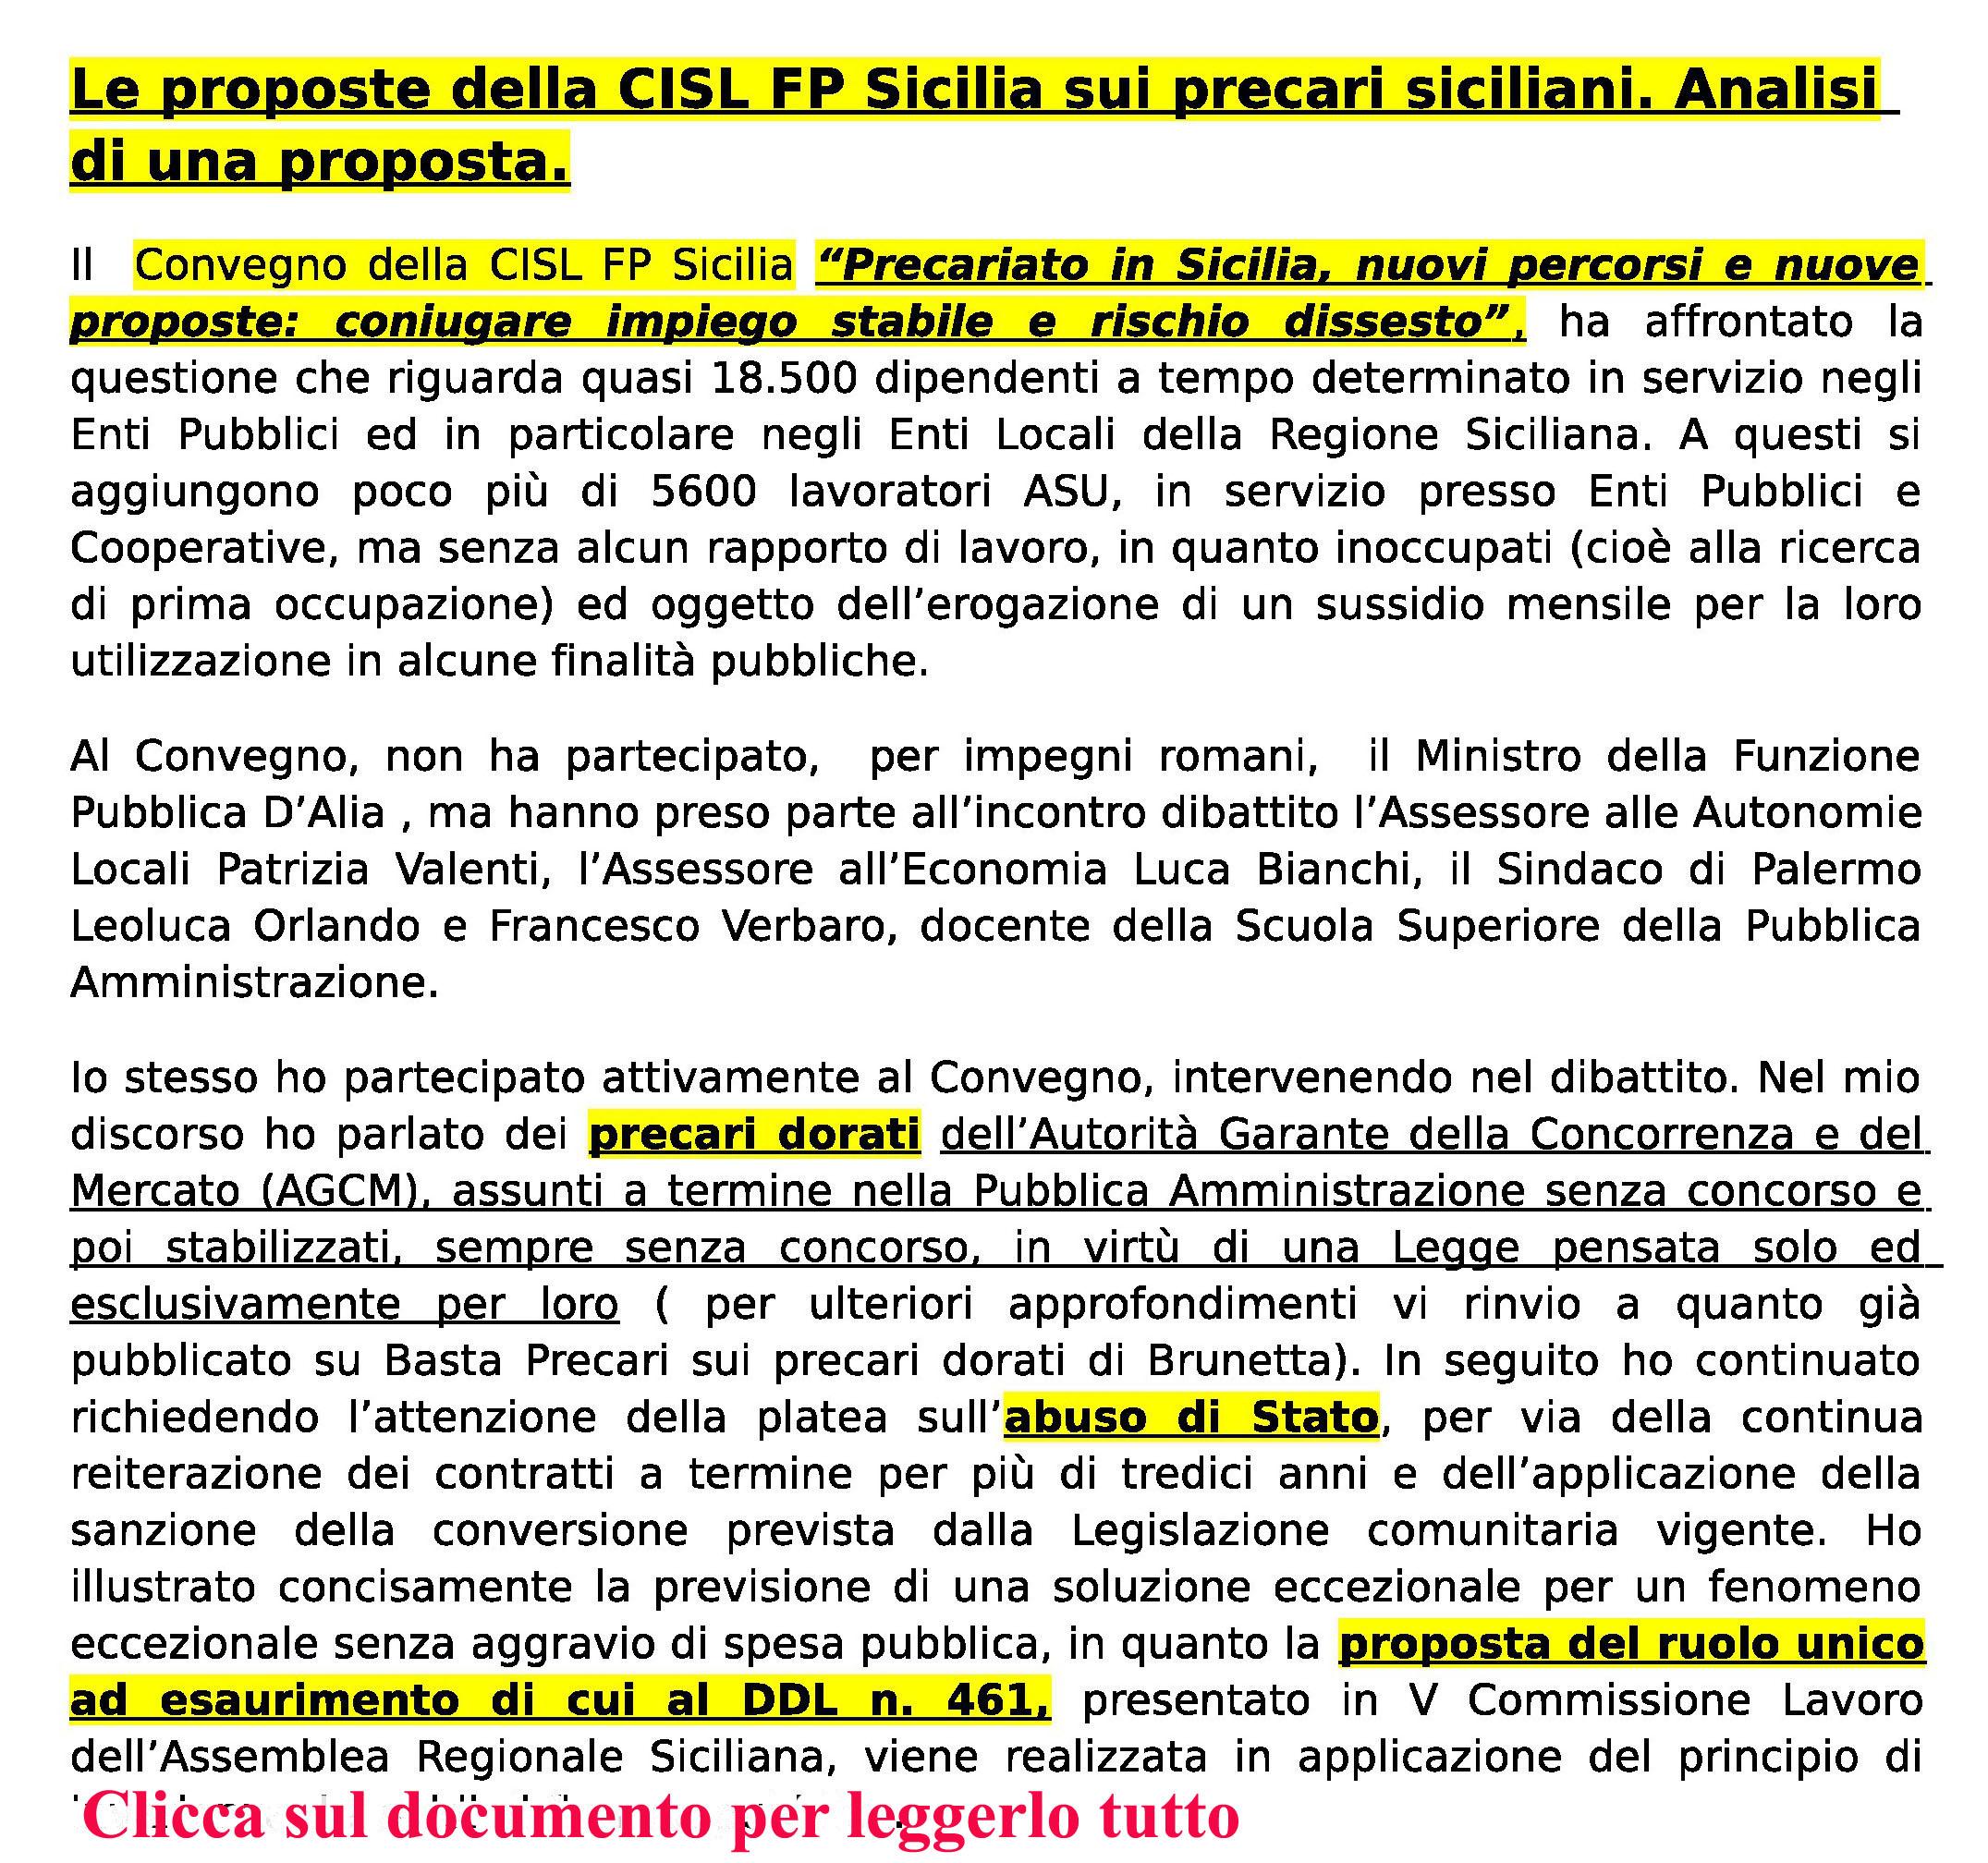 Le proposte della CISL FP Sicilia sui precari siciliani. Analisi copia2